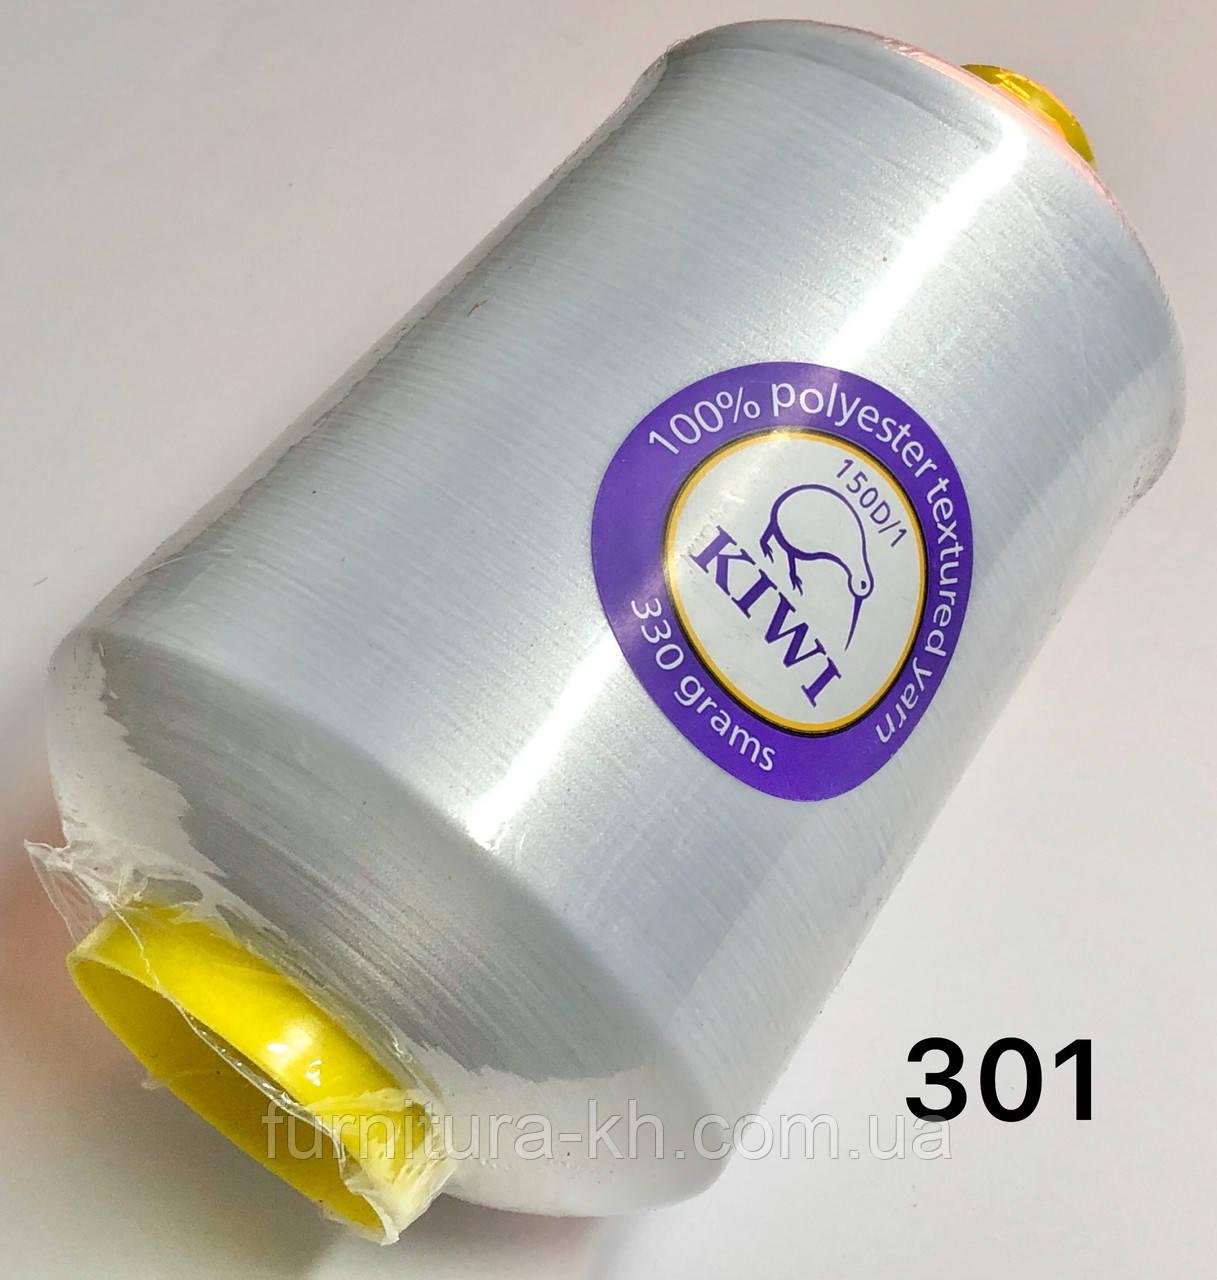 Нитки для Оверлока (Текстурированные).Для трикотажа.Цвет 301 Белый .Намотка 20.000 метров Вес 330 грамм